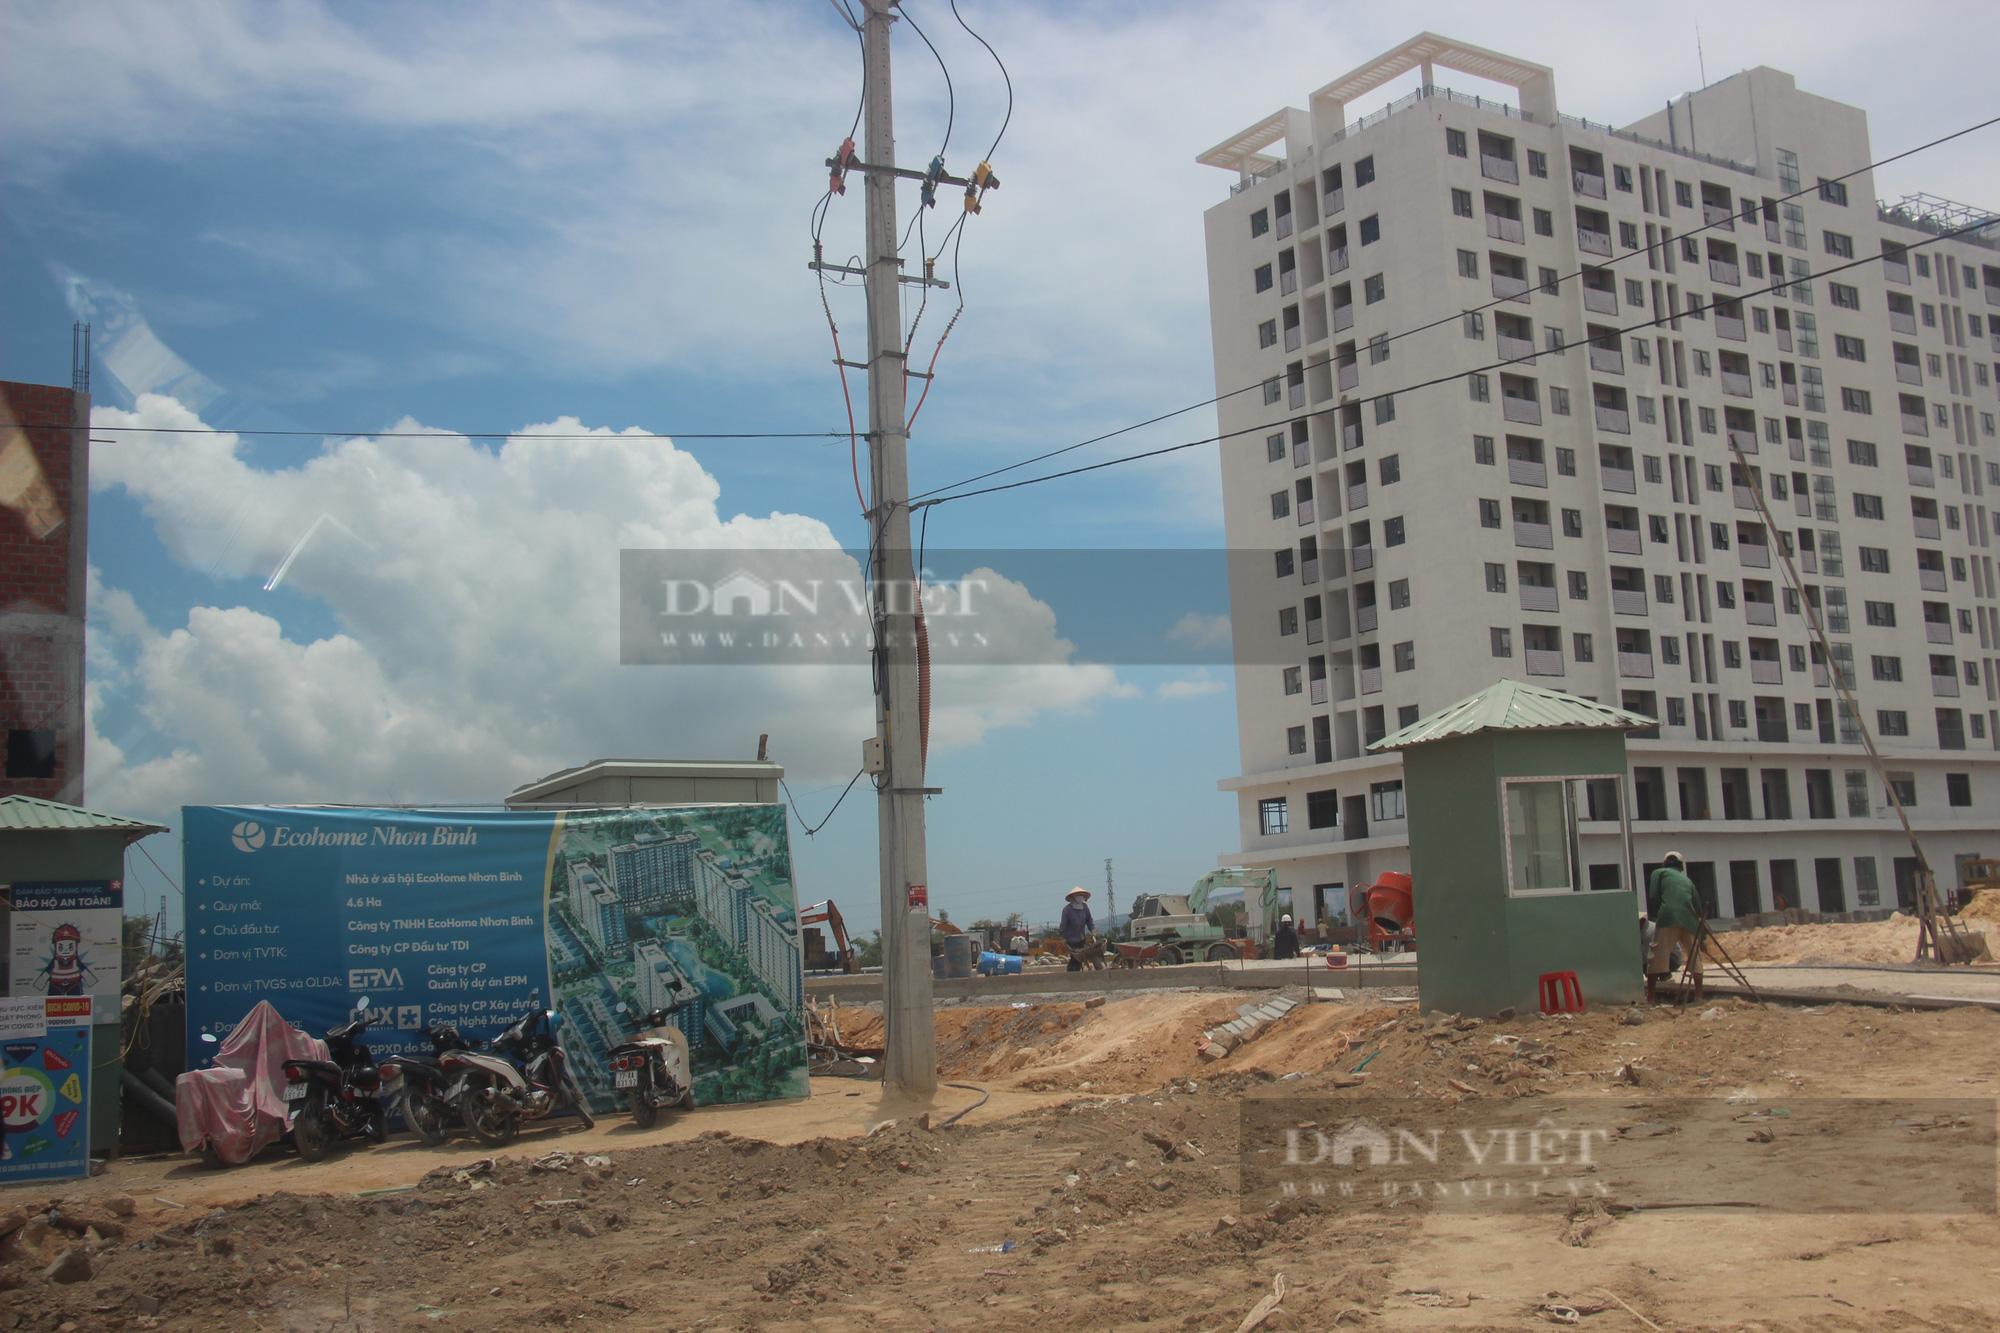 """Ngang nhiên dùng đất """"lậu"""" thi công dự án Nhà ở xã hội Ecohome Nhơn Bình? - Ảnh 8."""